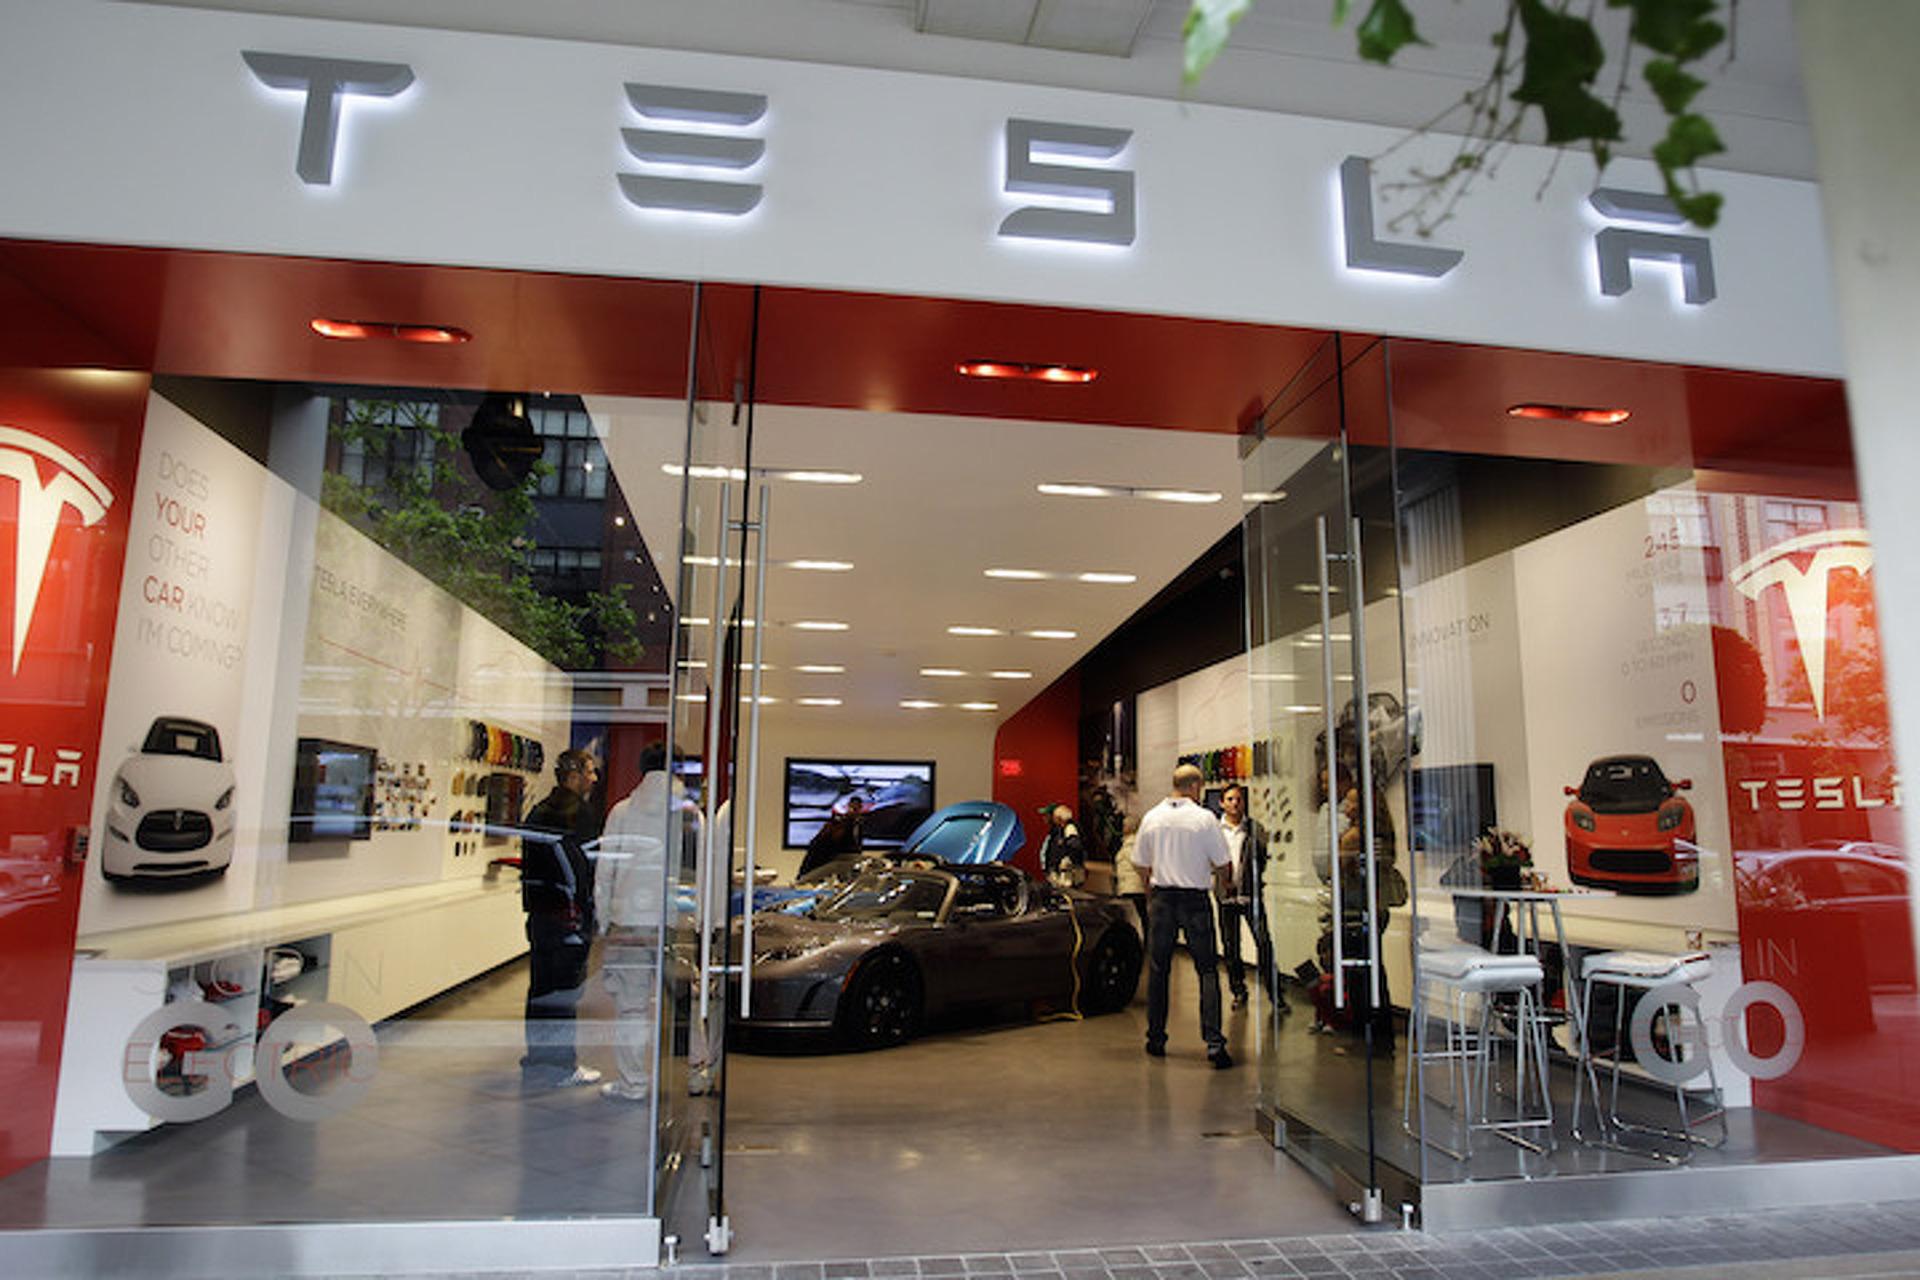 Tesla Loses $4,000 on Every Vehicle It Sells